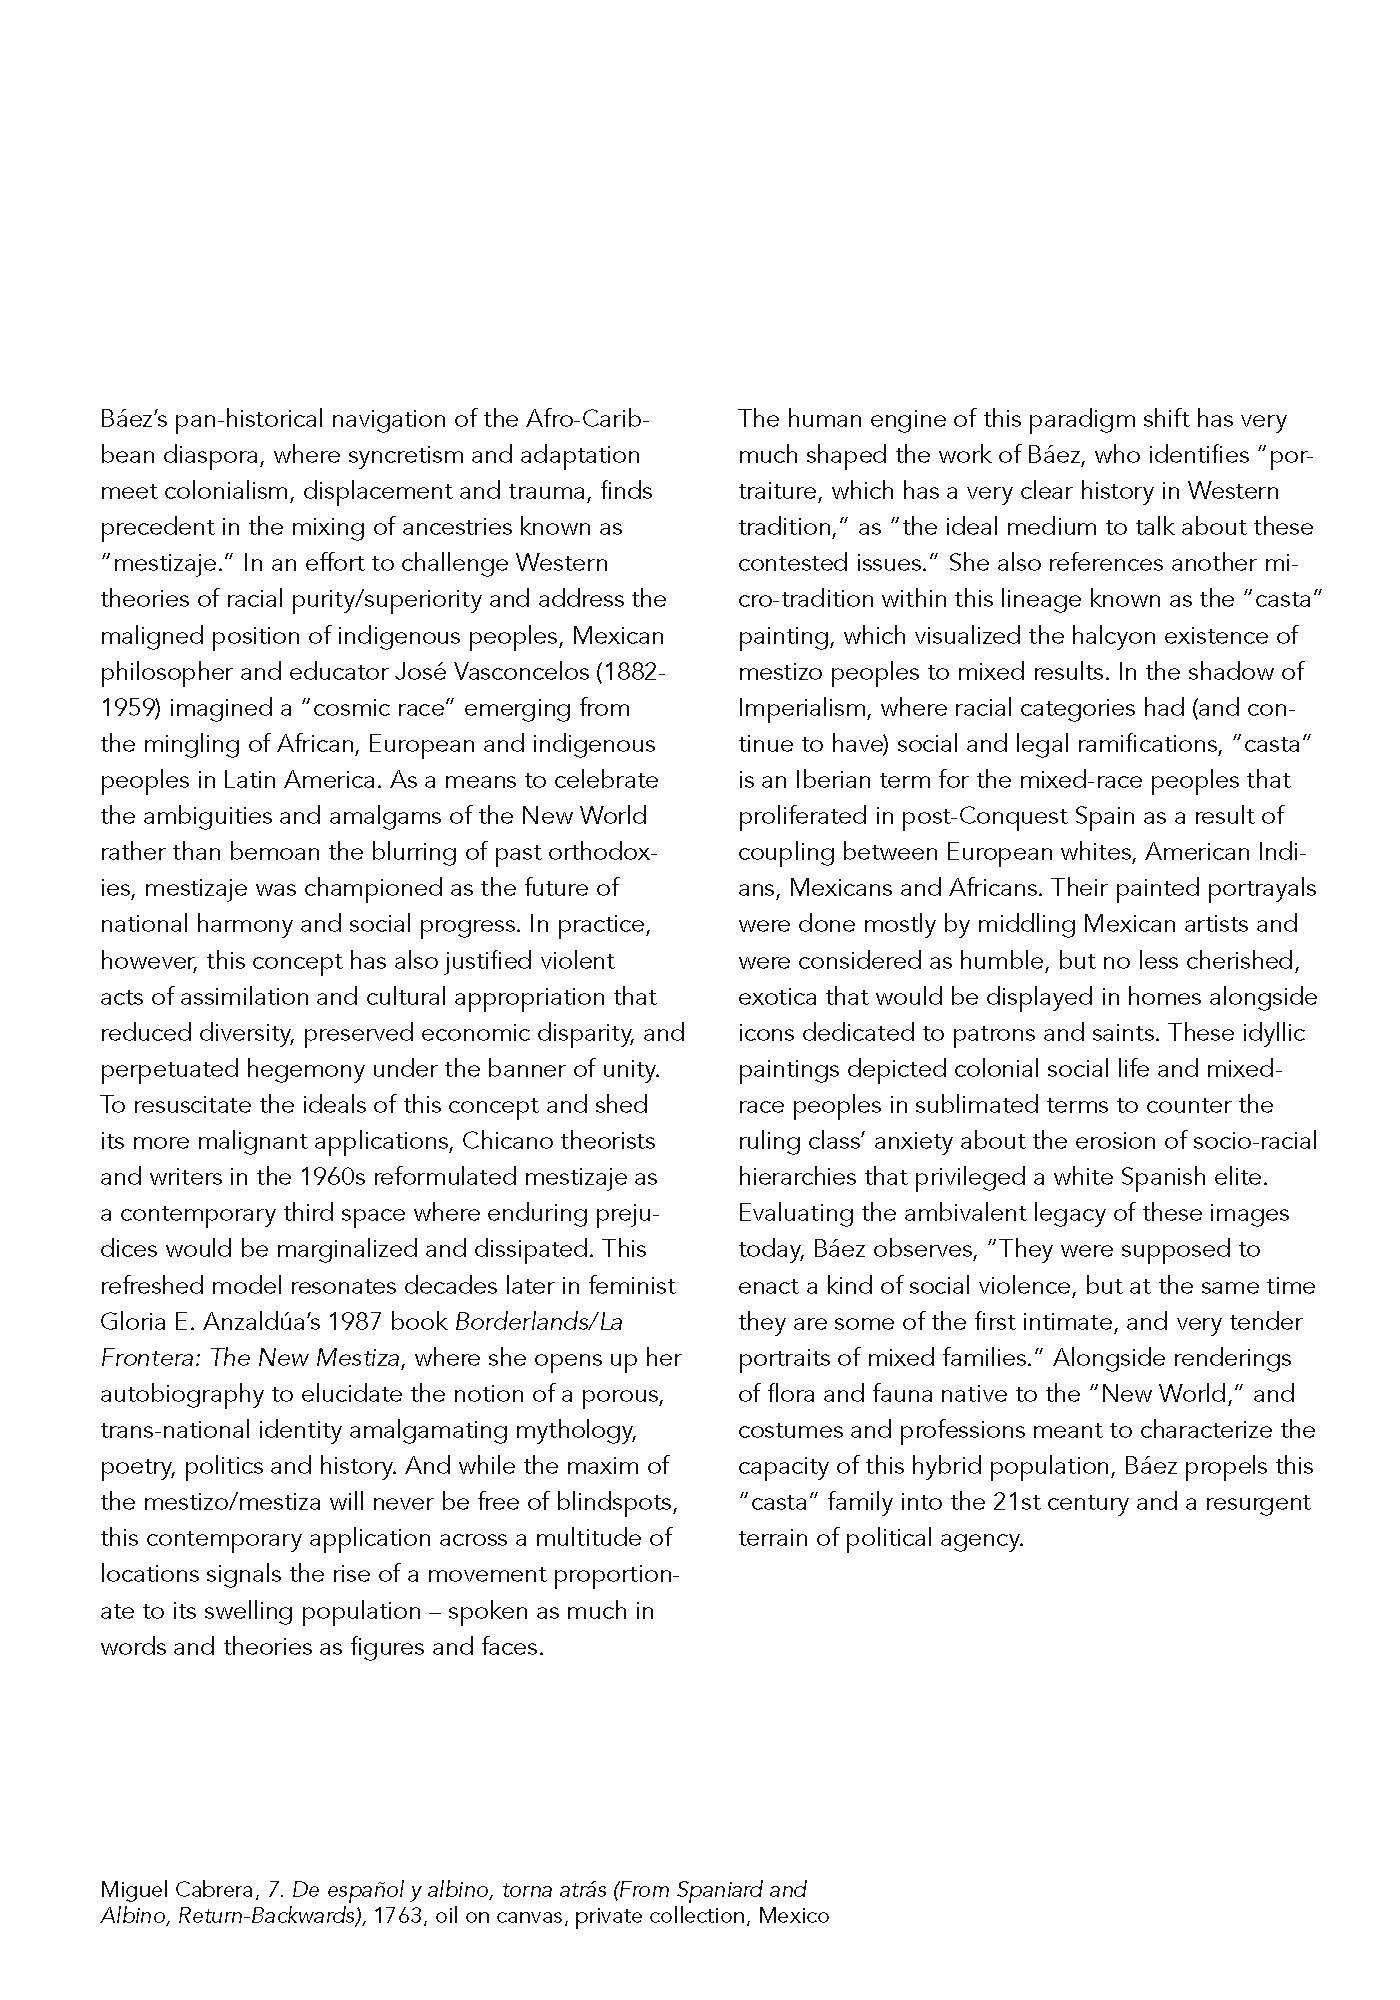 baez brochure_12 pg_web_Page_04.jpg